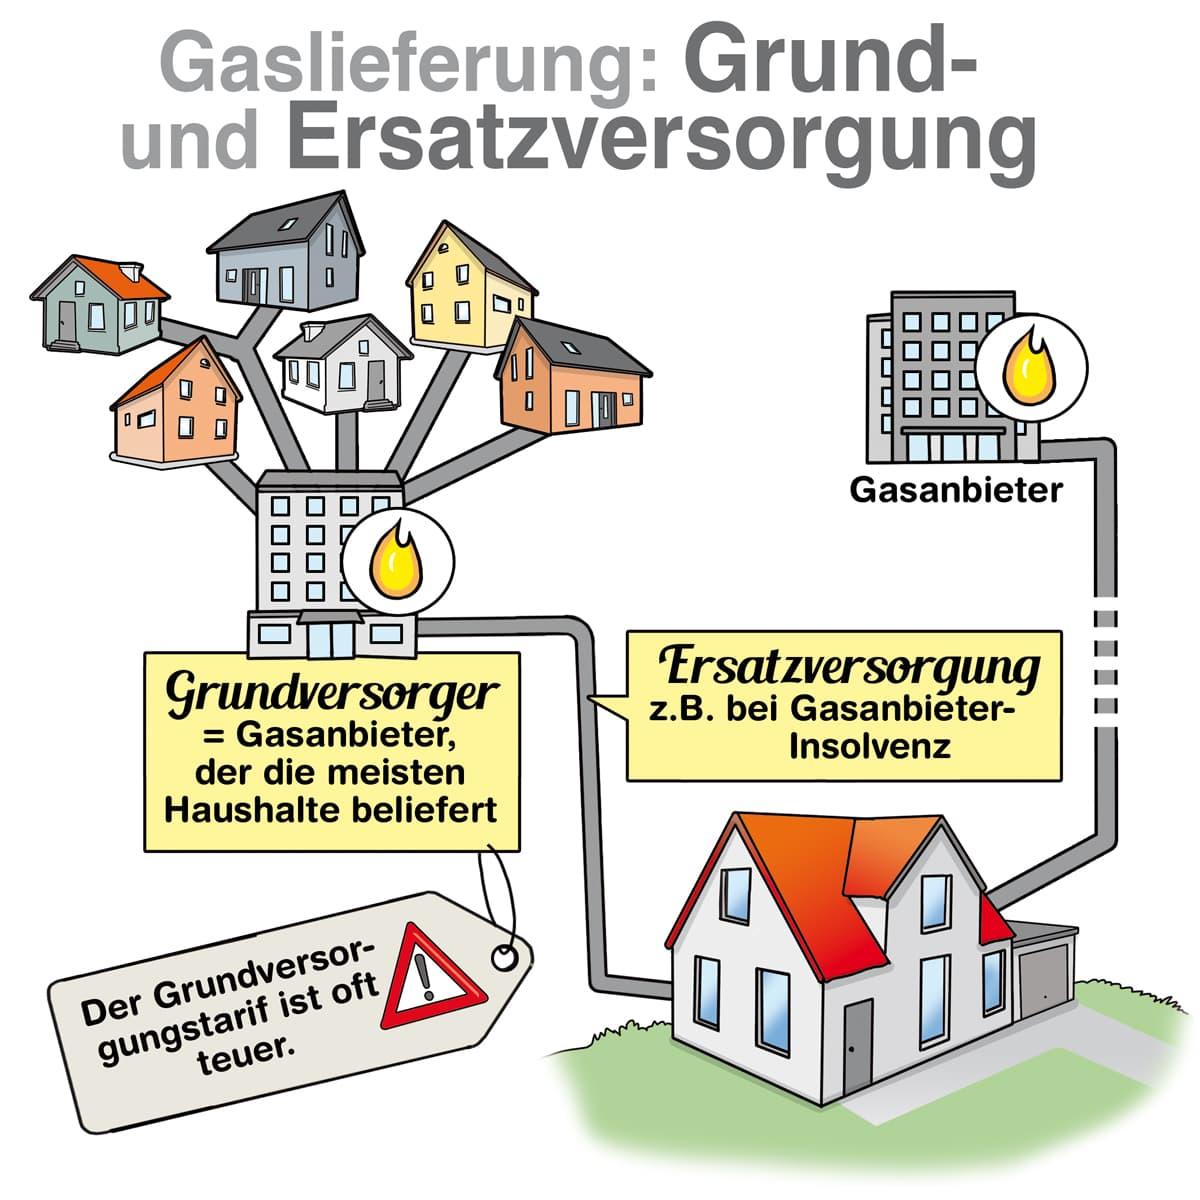 Gaslieferung: Grund- und Ersatzversorgung